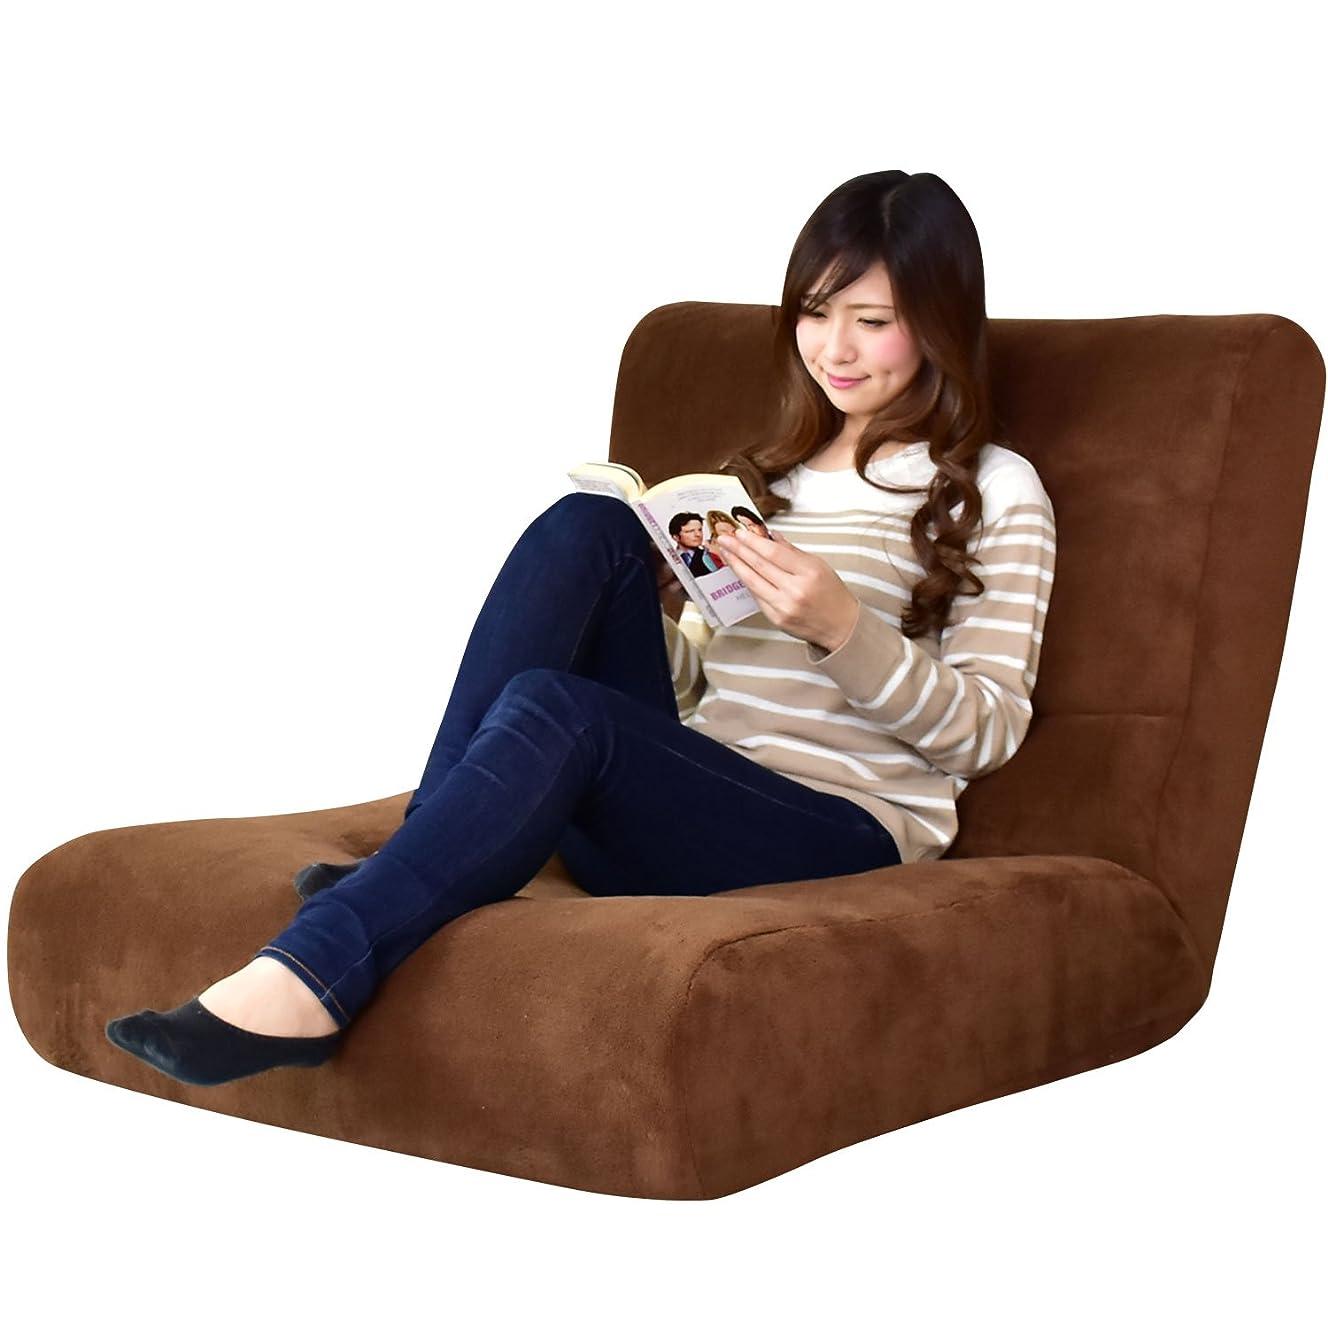 区兄弟愛神社DORIS 座椅子 ワイドサイズ 幅80 ハイバック 42段階 リクライニング ポケットコイル ブラウン ヌイ